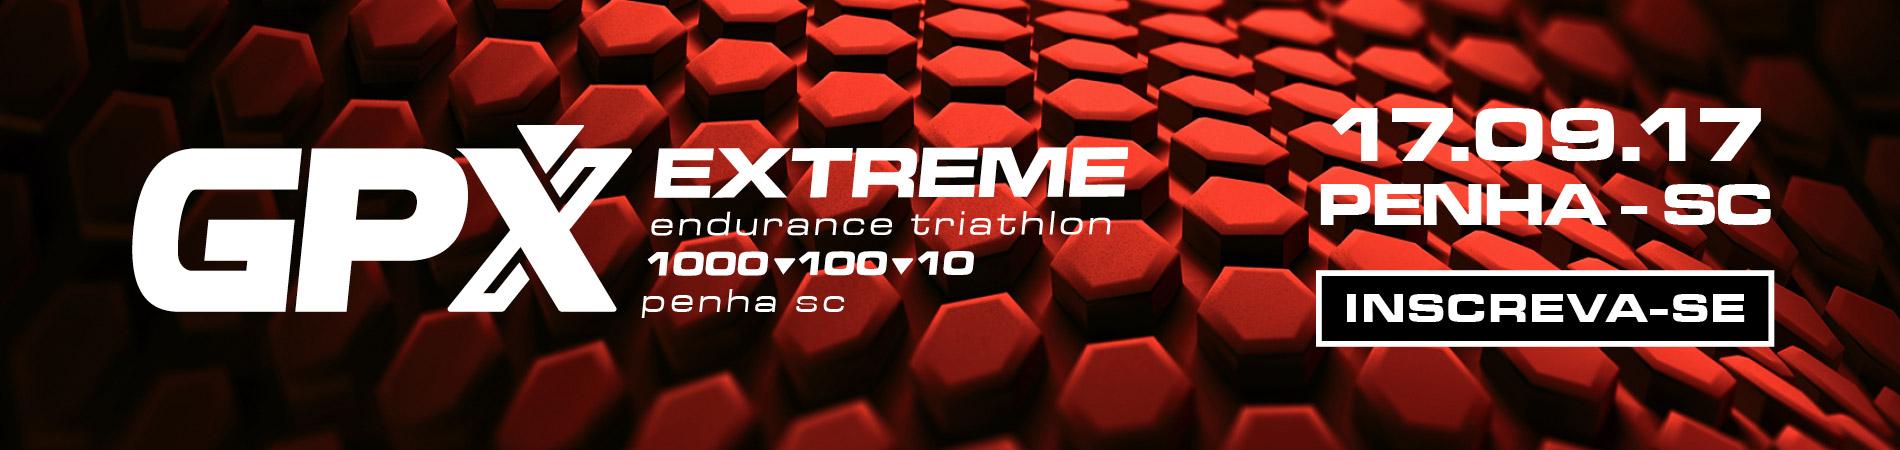 2º GP EXTREME E SPRINT TRIATHLON - PENHA/SC